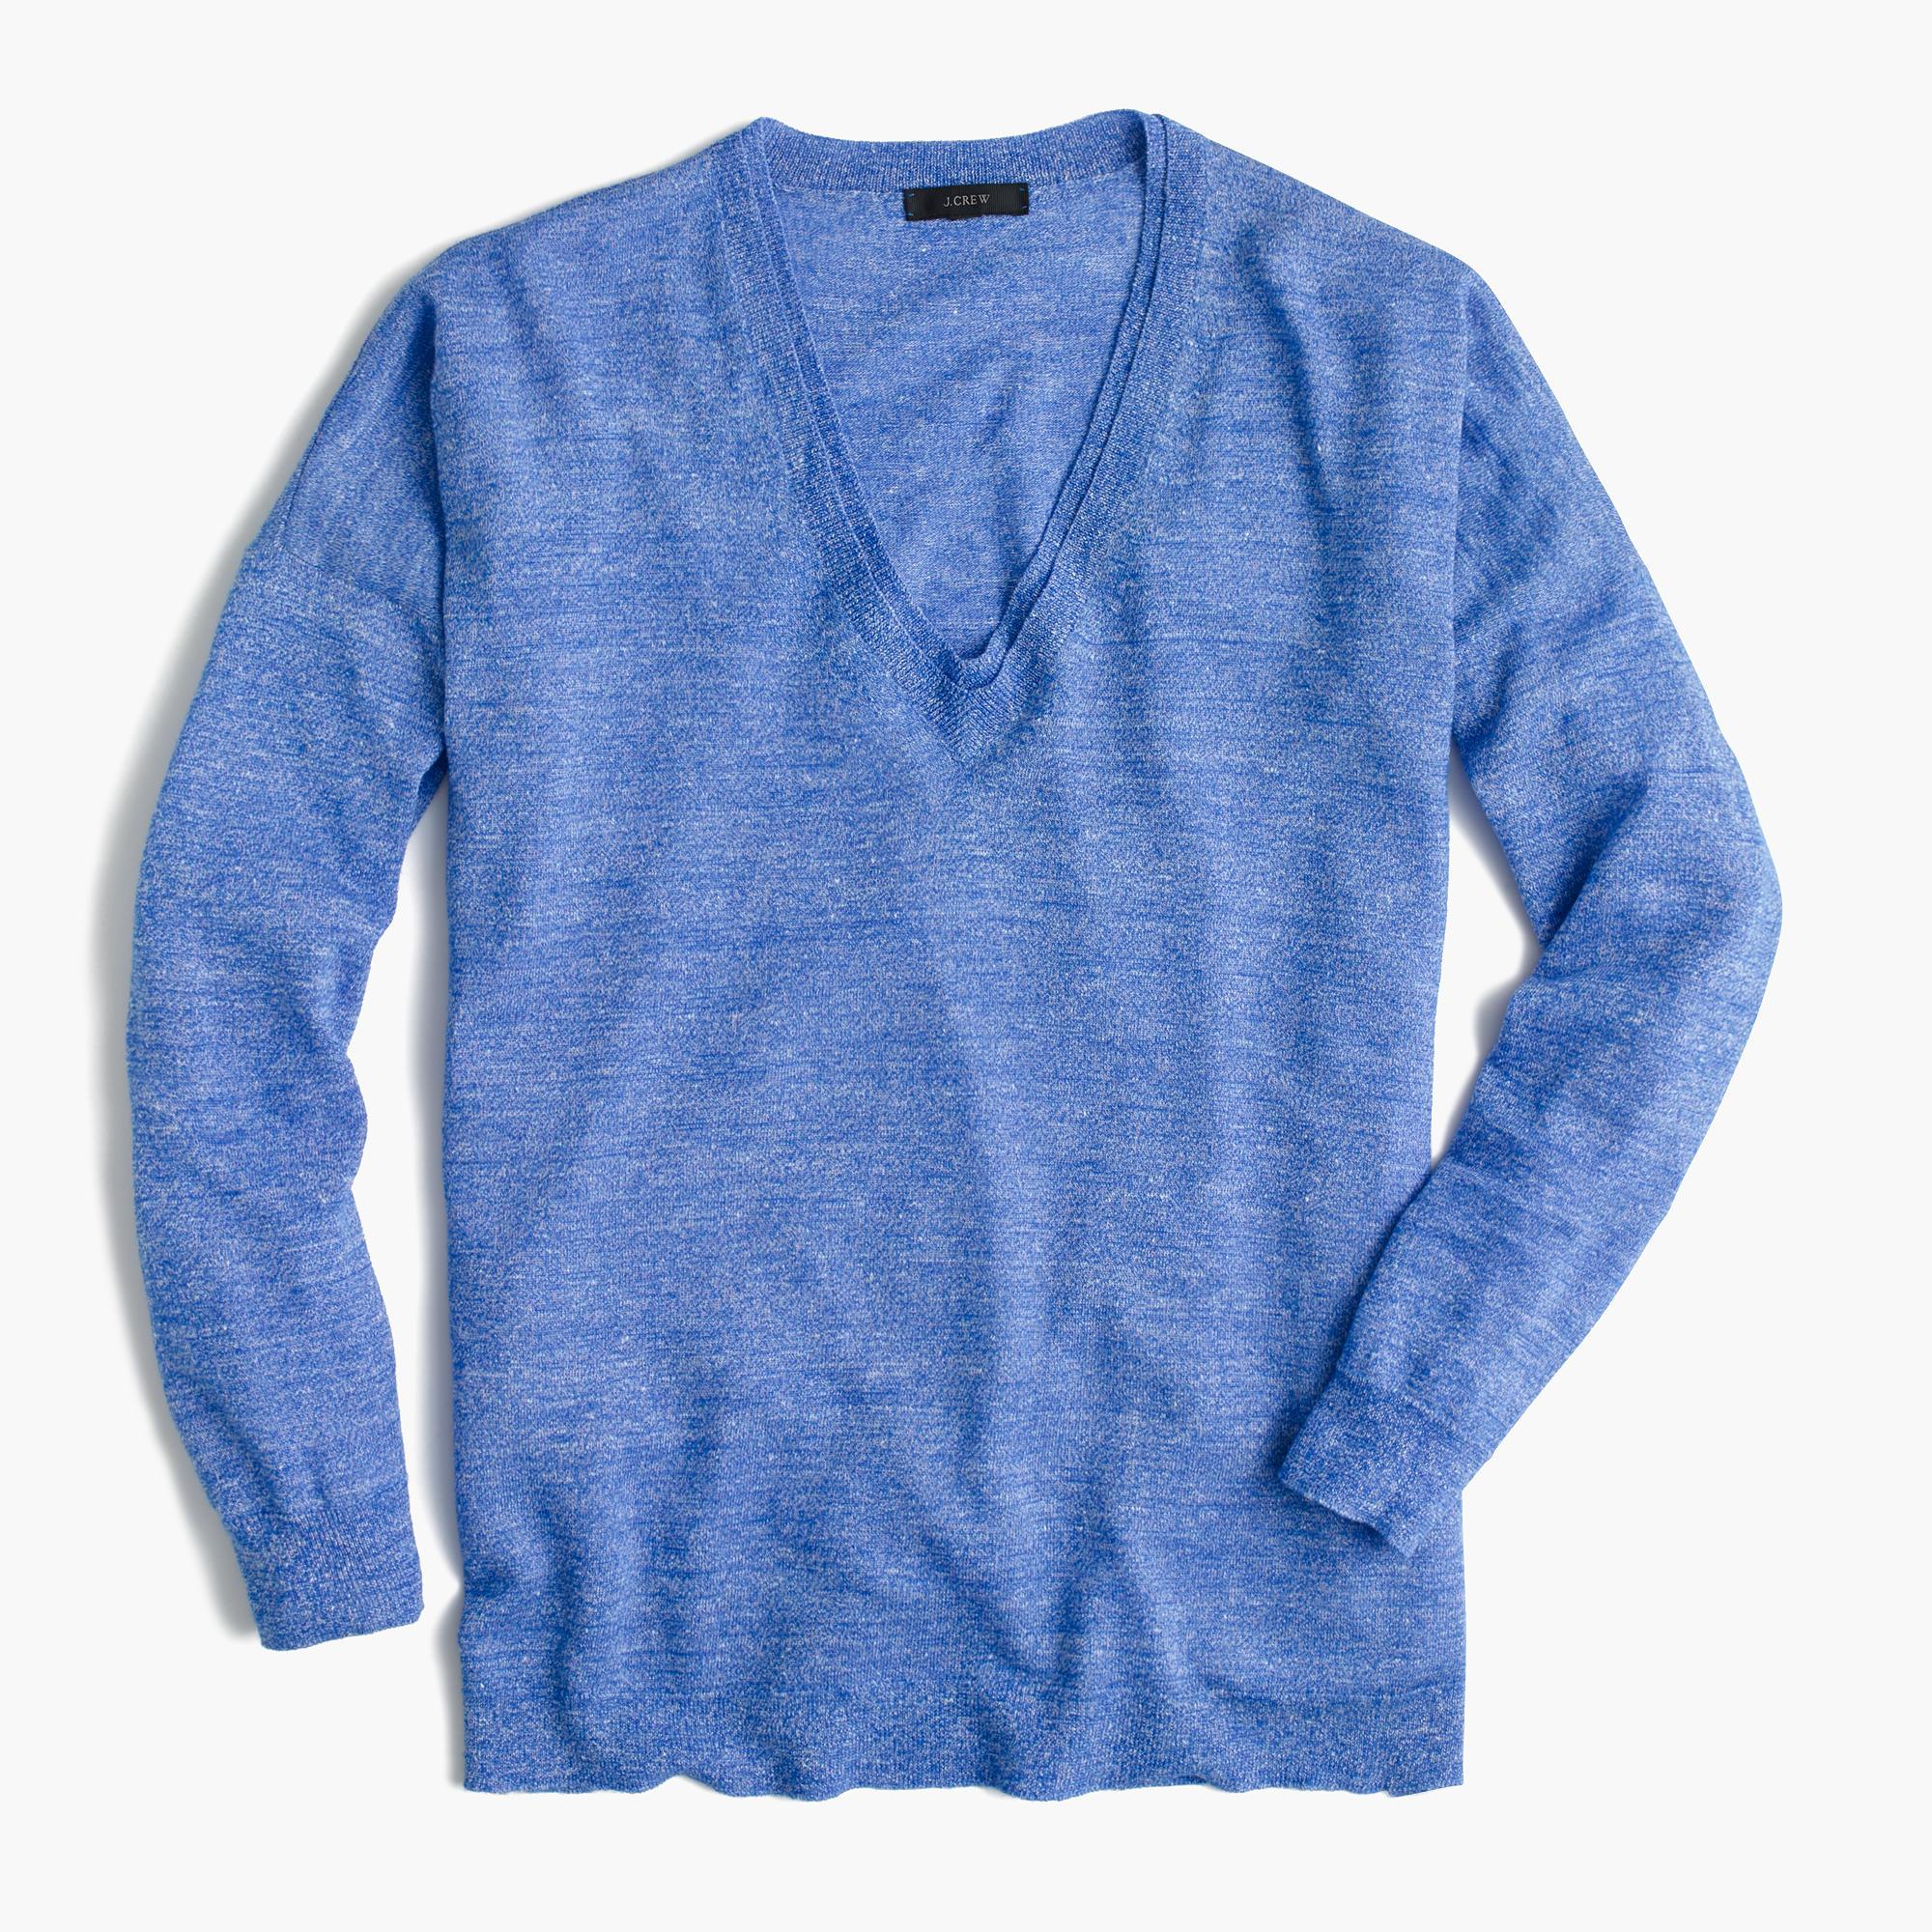 Gallery. Women s Vince Cashmere Women s Cold Shoulder Sweaters ... 2d88df6da4